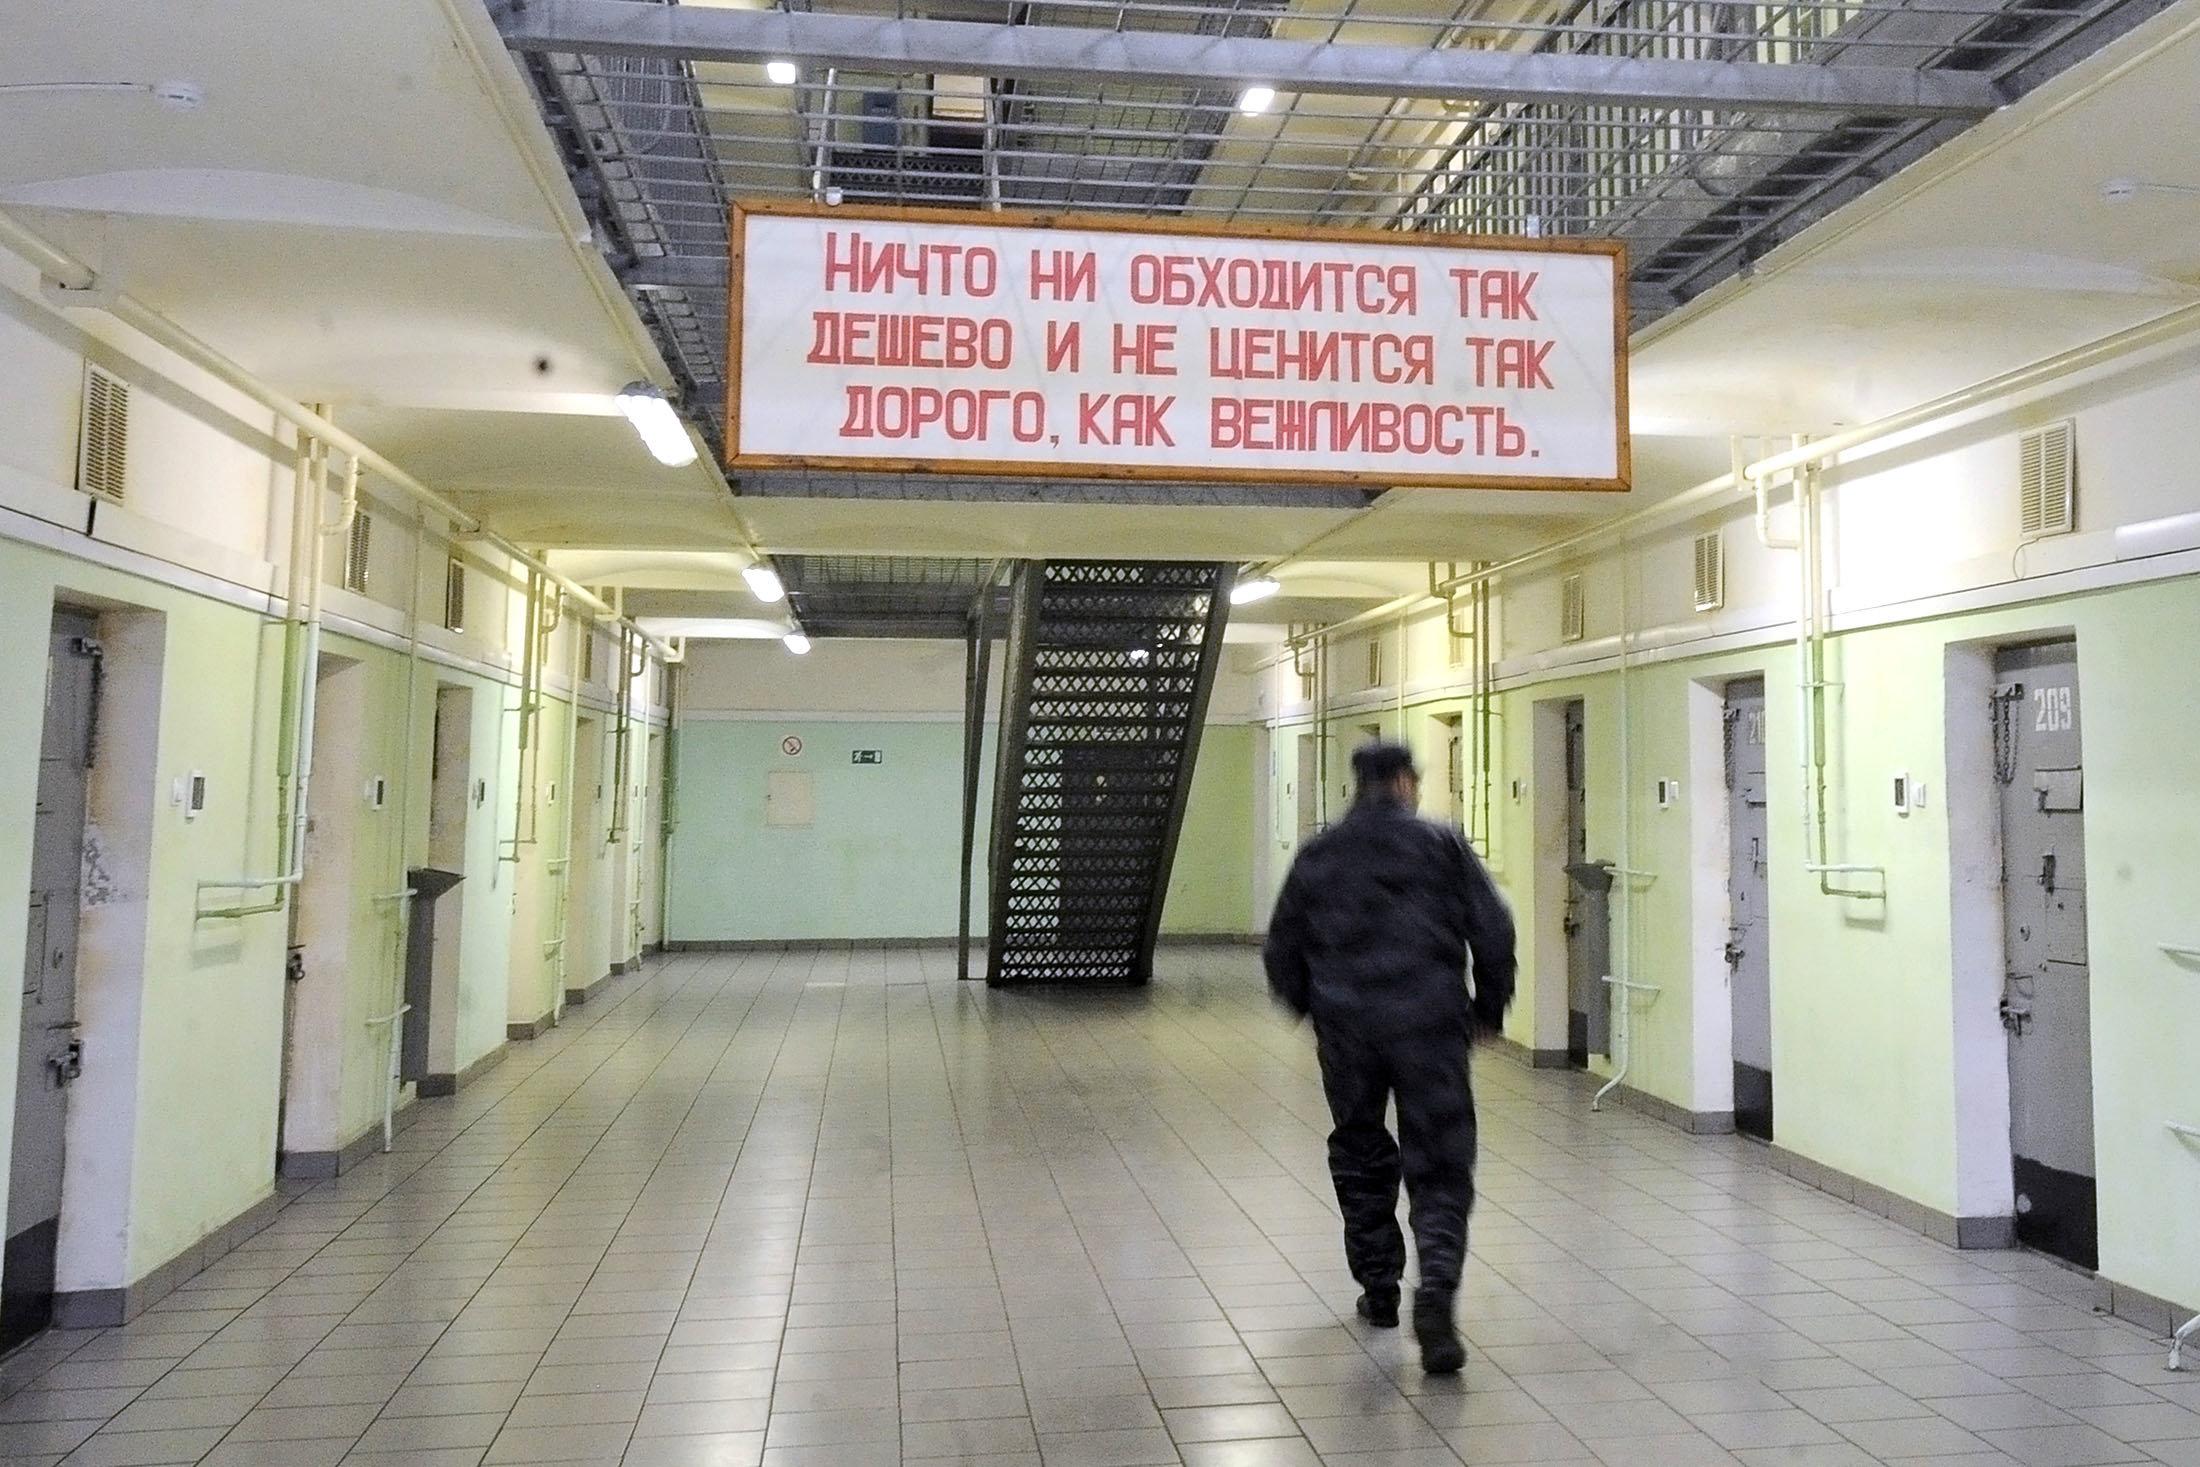 37 привычек заключенных, от которых сложно избавиться даже на свободе